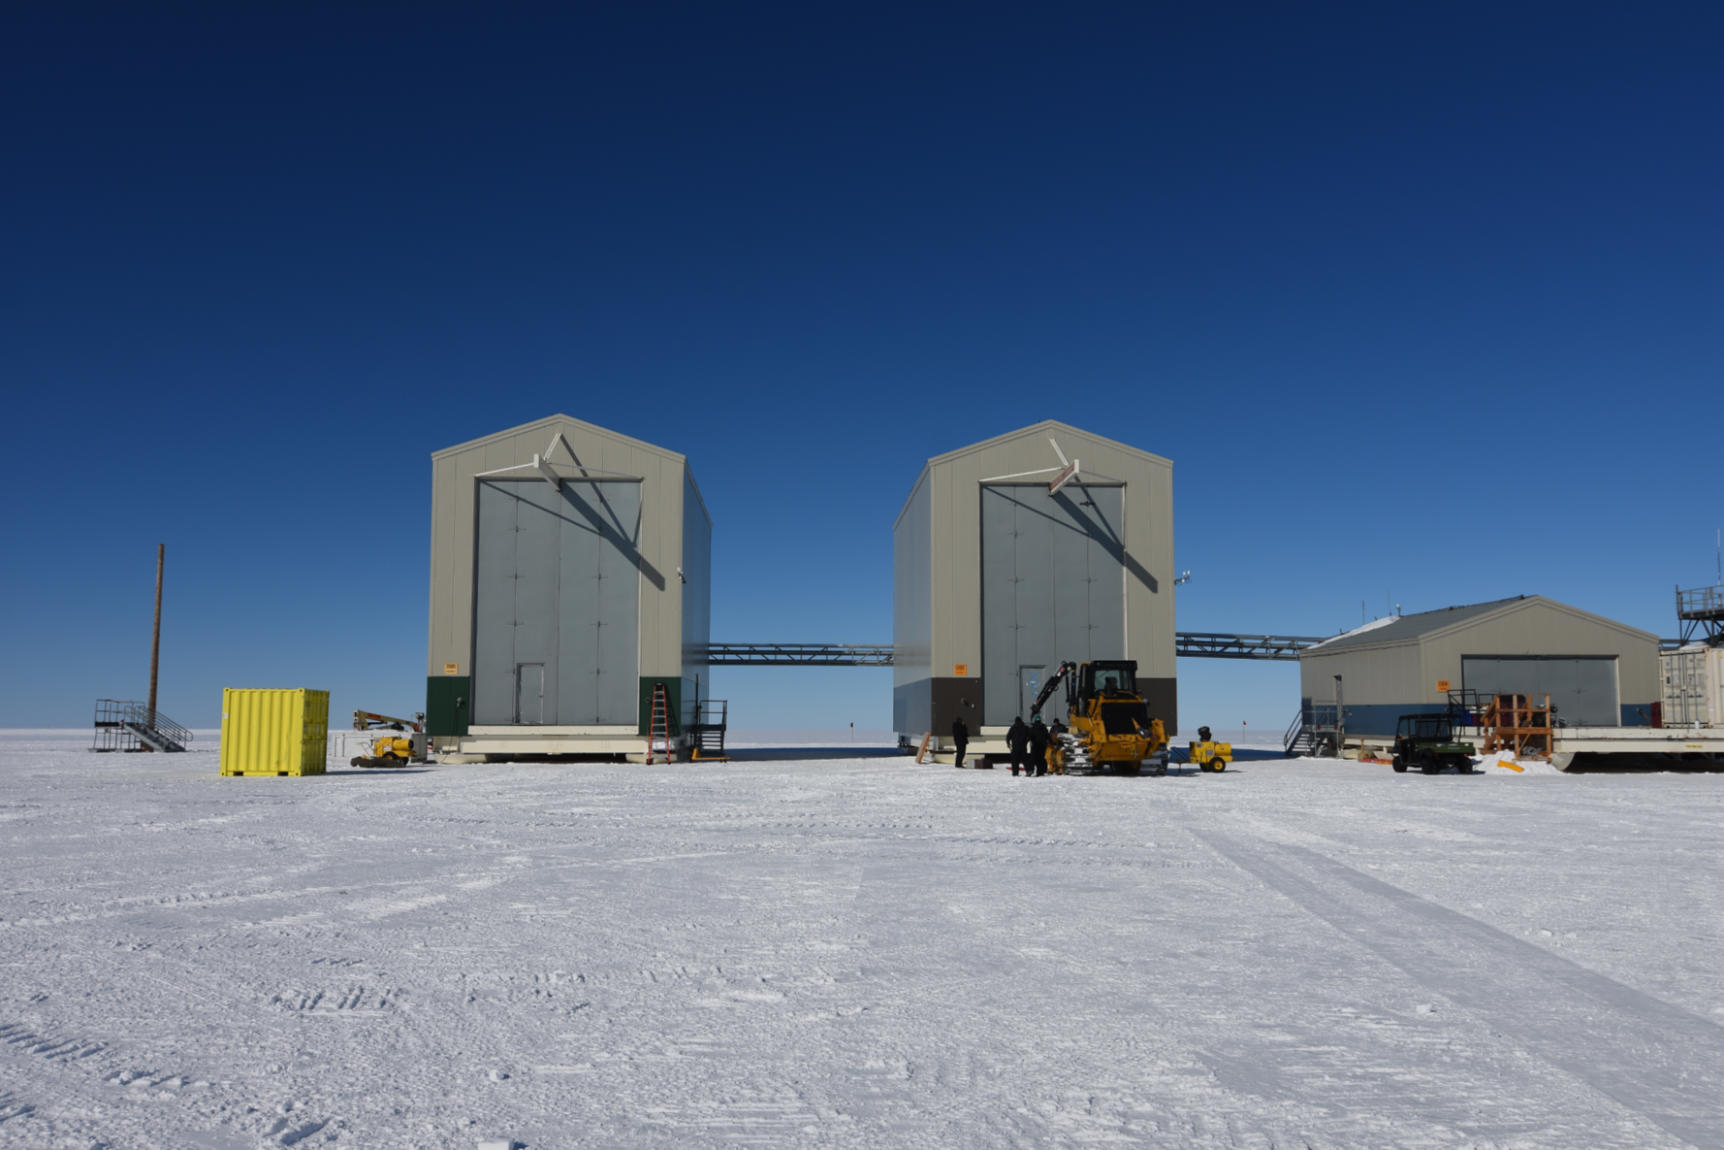 Il mio viaggio in Antartide: 2